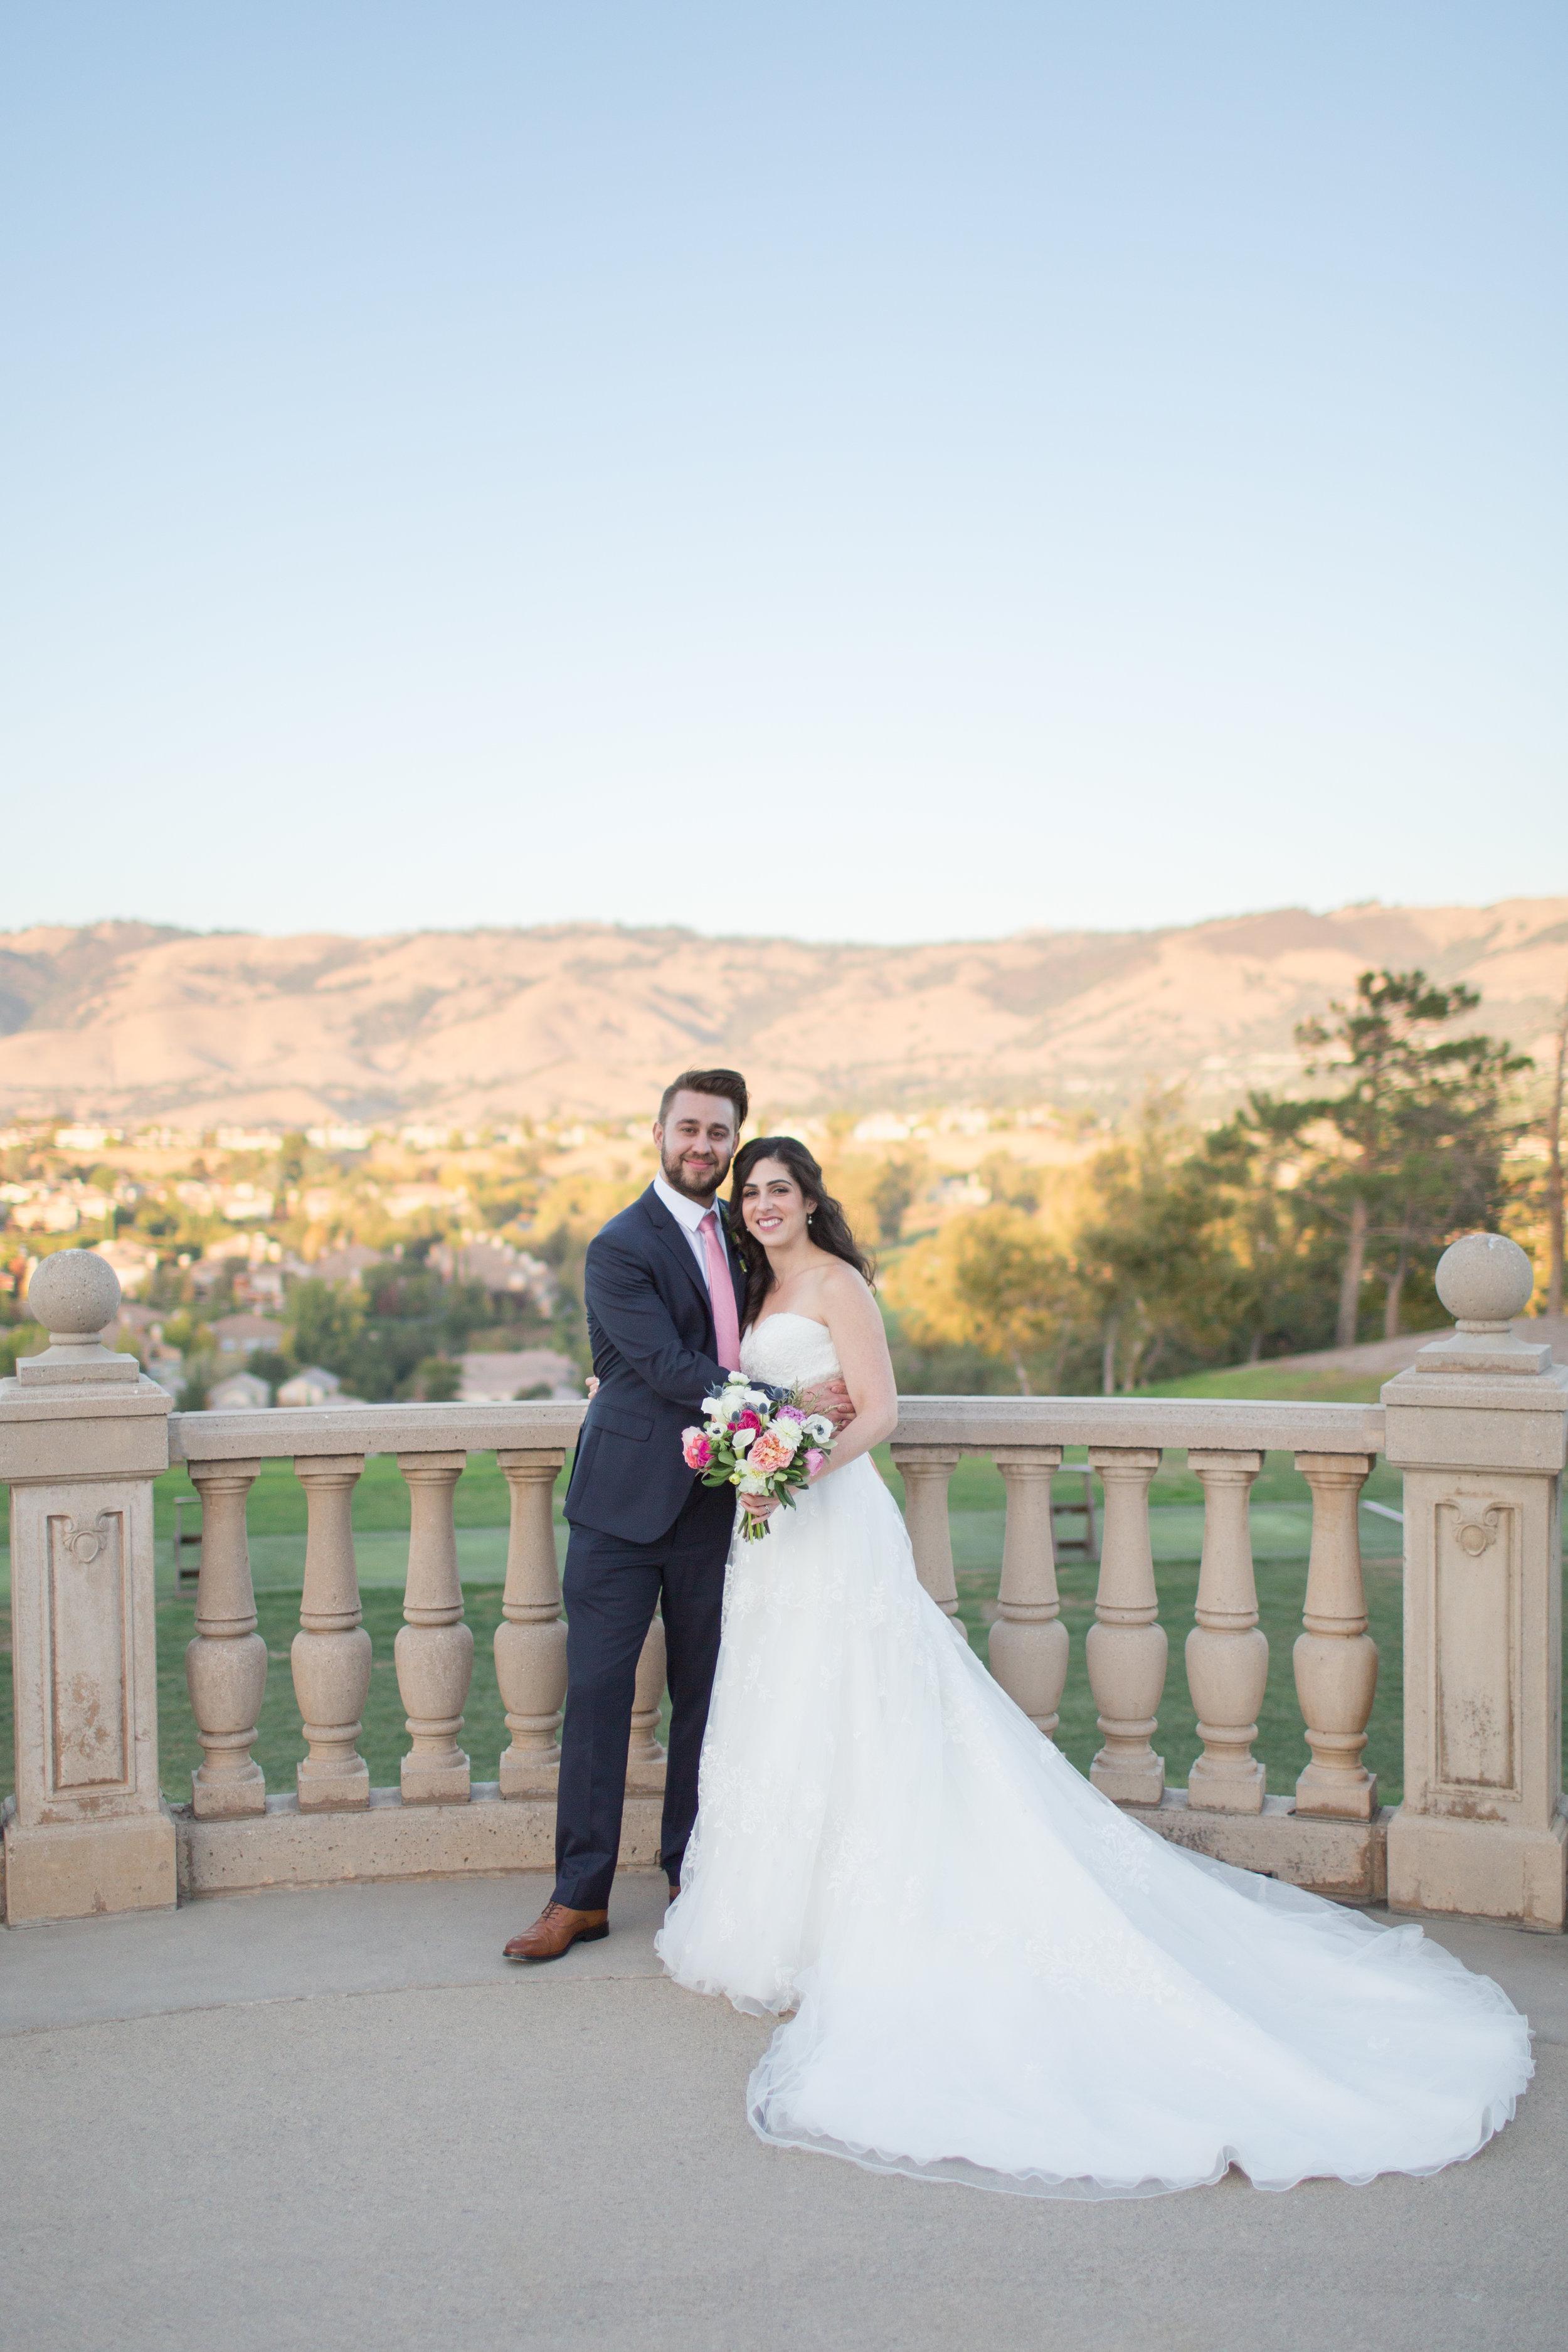 Dana&Mike_WeddingPreviews-020.jpg